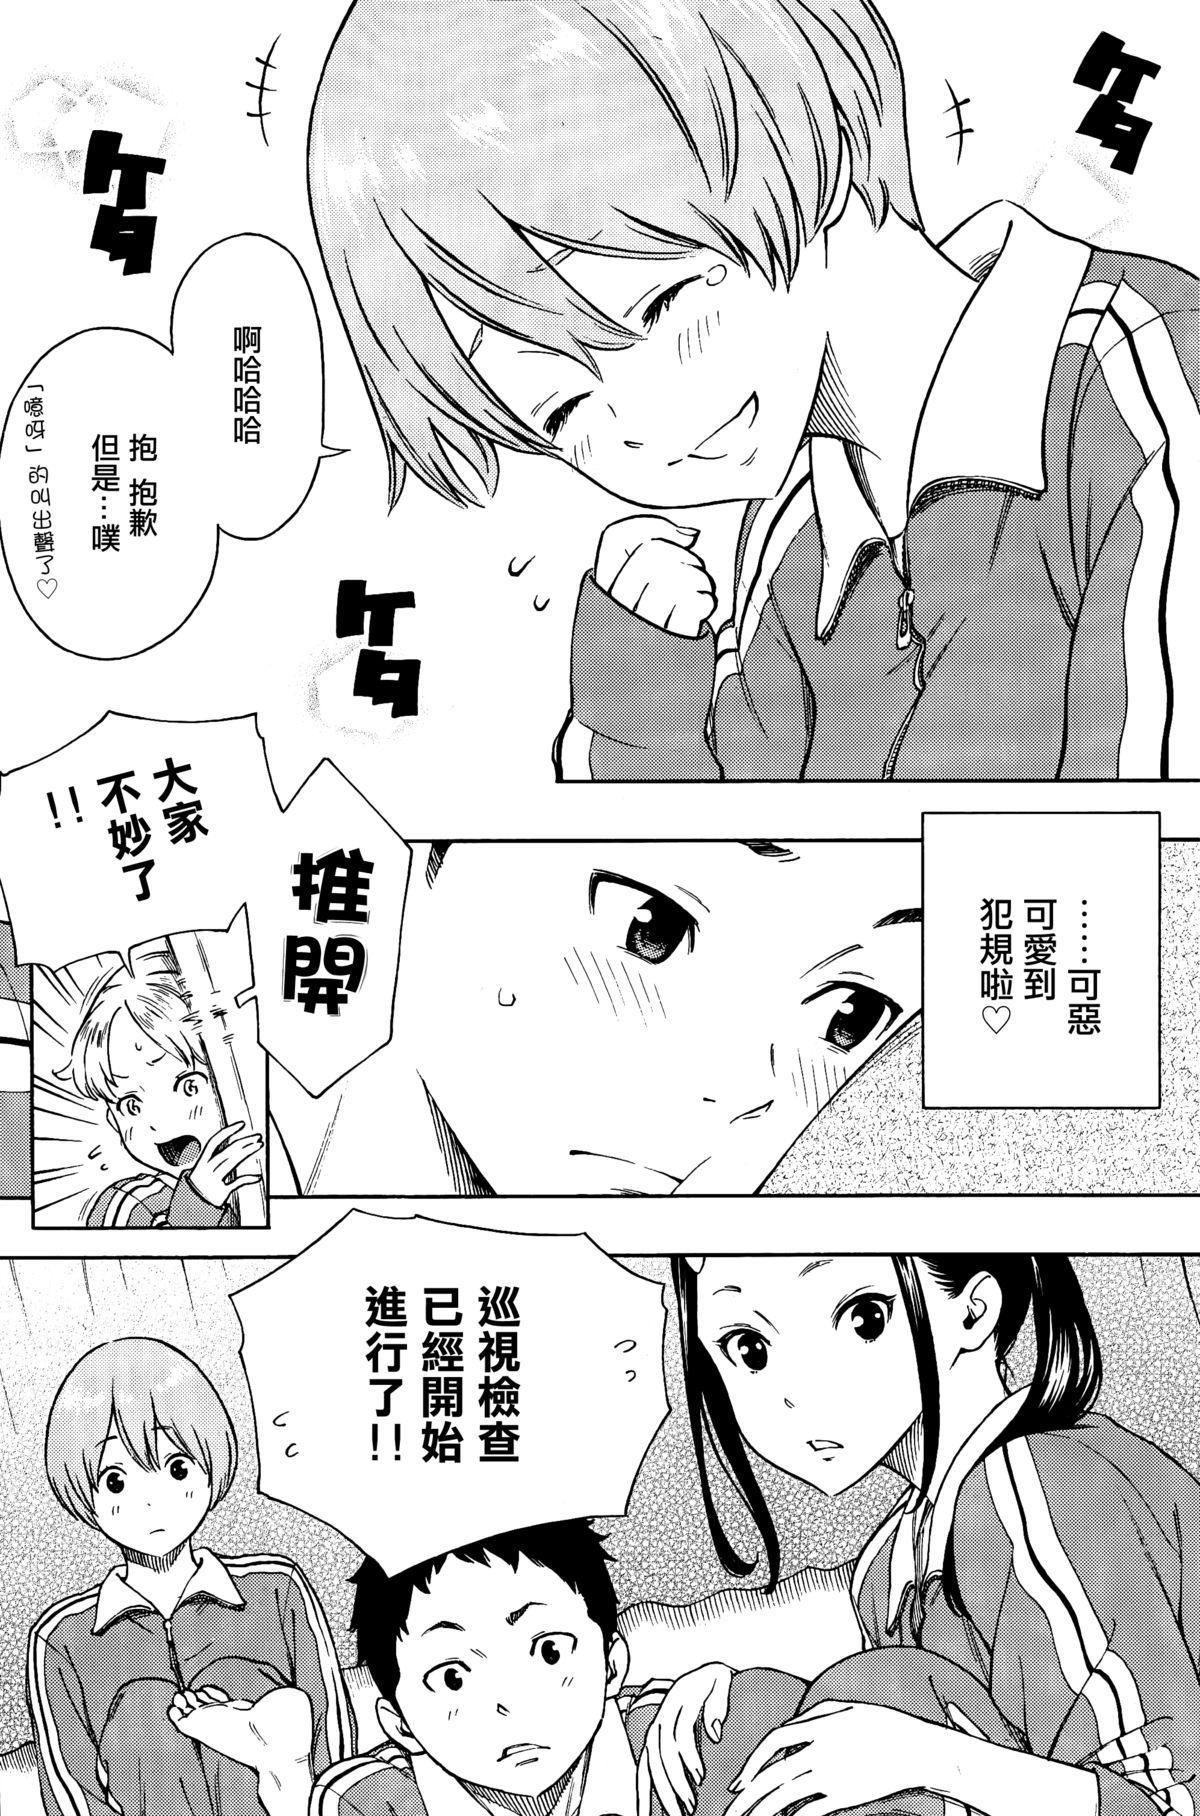 Futon no Naka no Uchuu 4